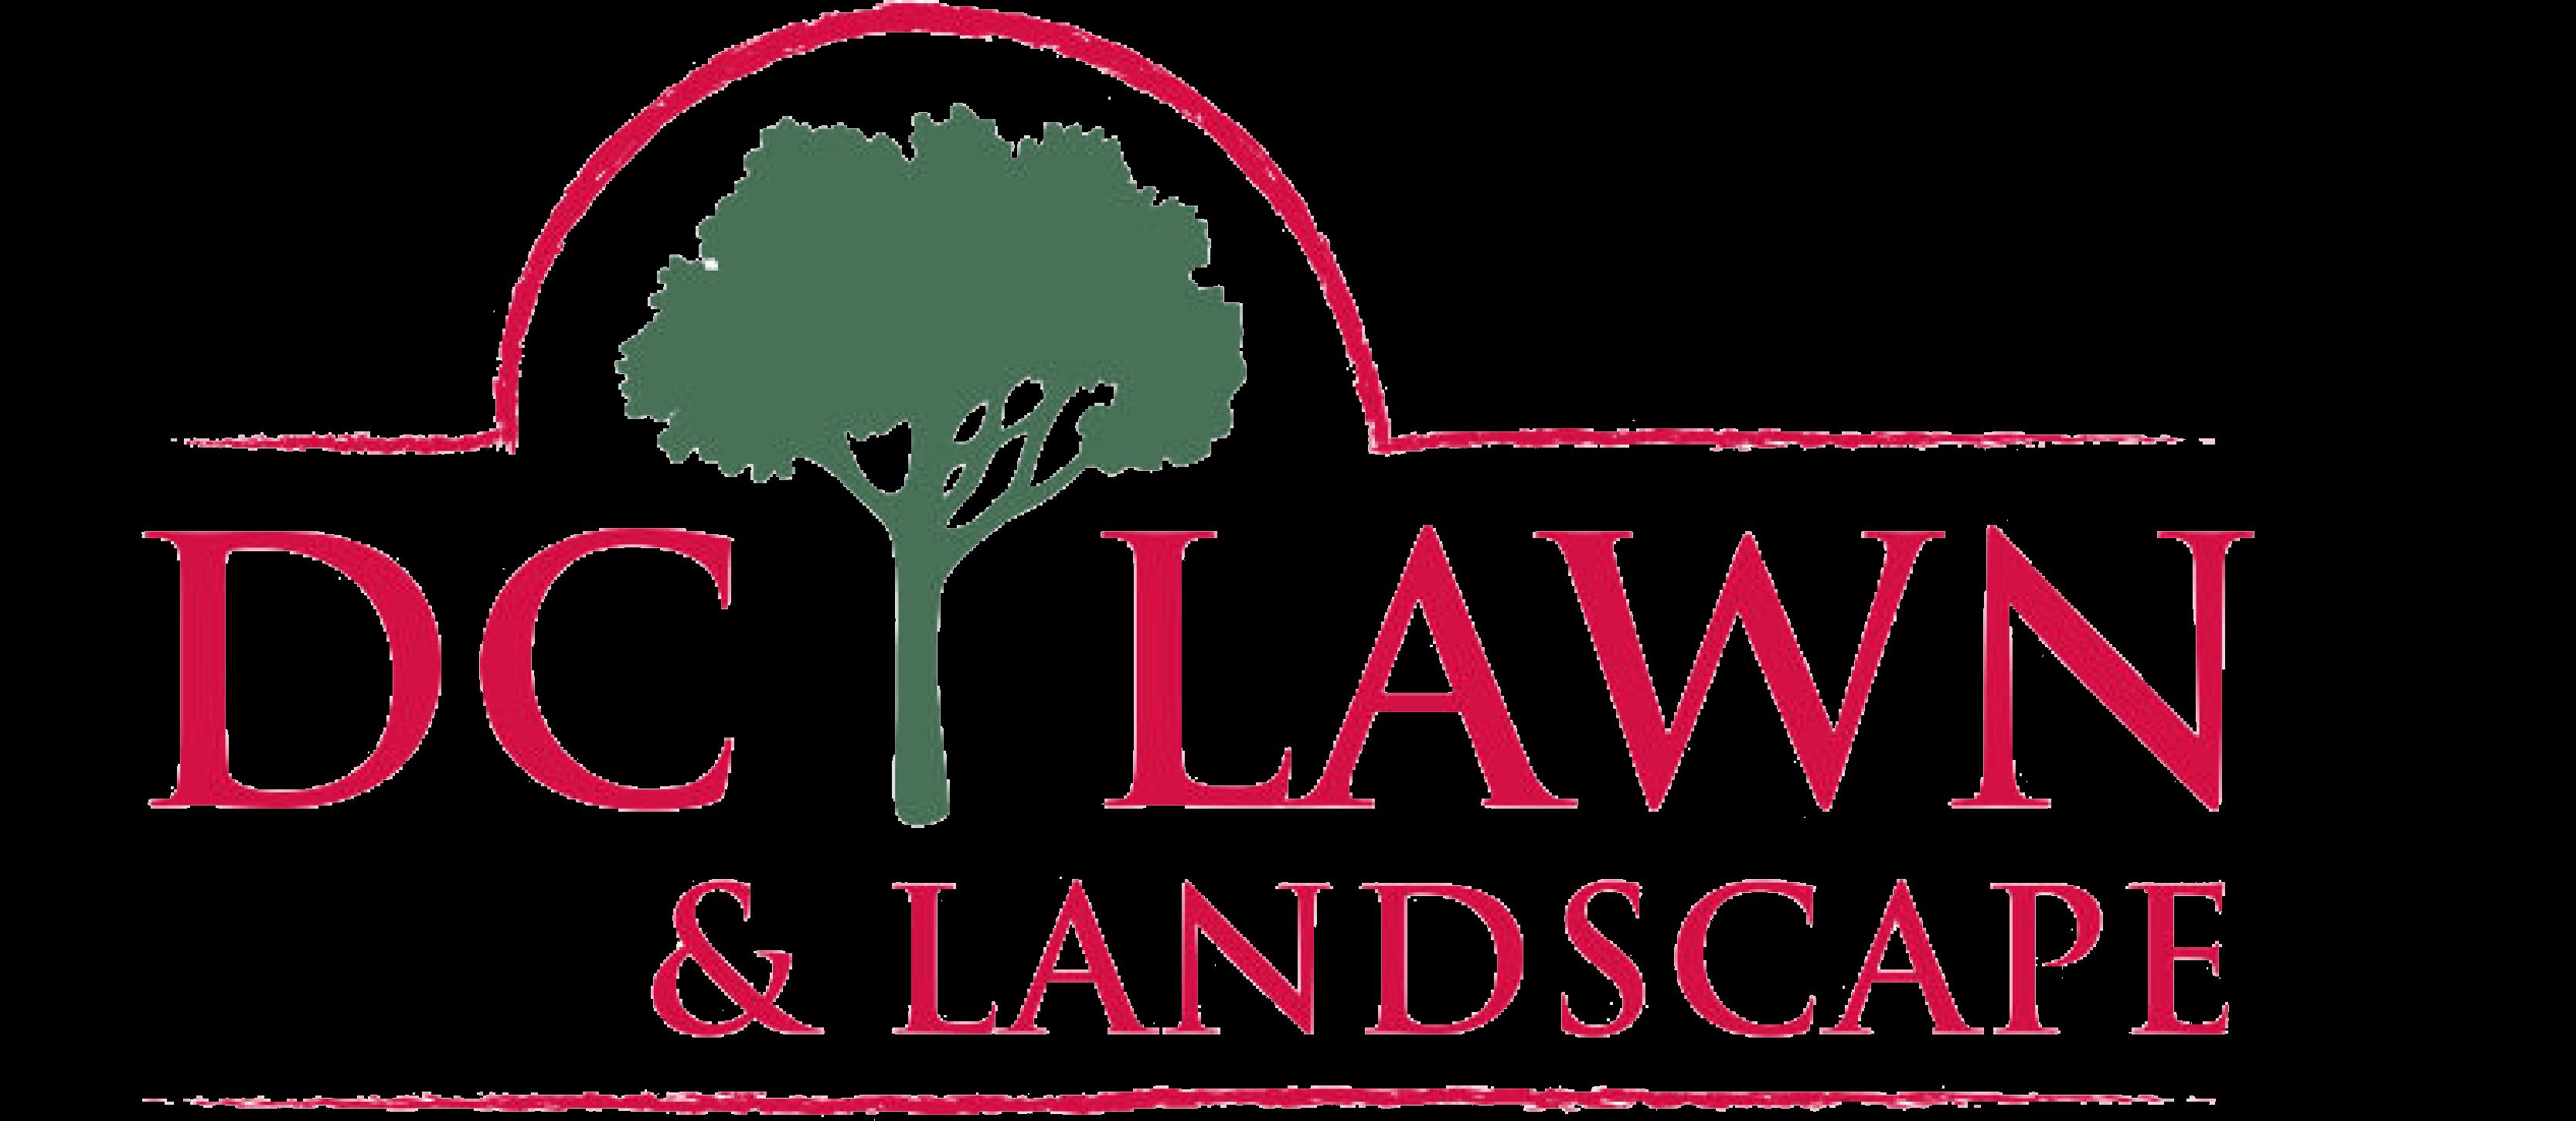 DC Lawn & Landscape logo in Fairhope, AL